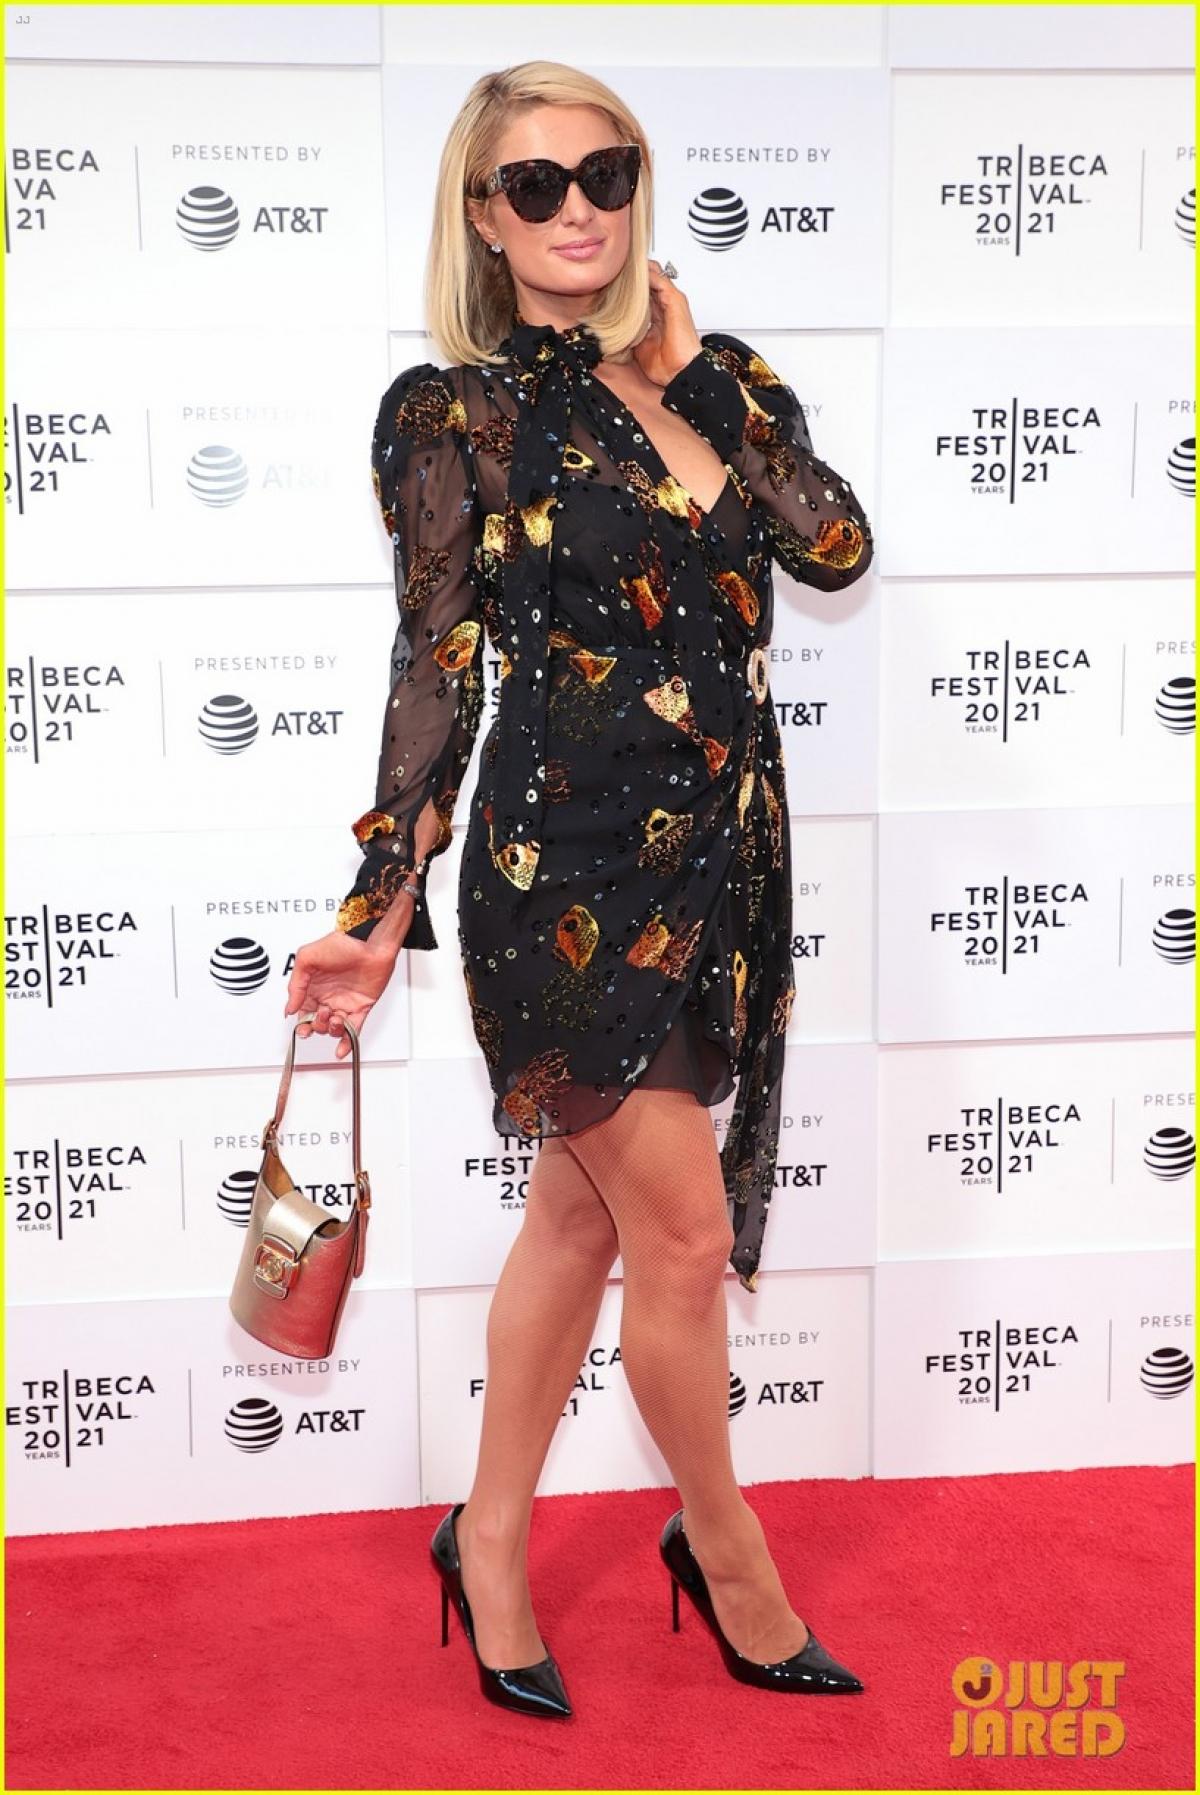 Kiều nữ diện đầm voan thanh lịch của một thương hiệu thời trang nổi tiếng.